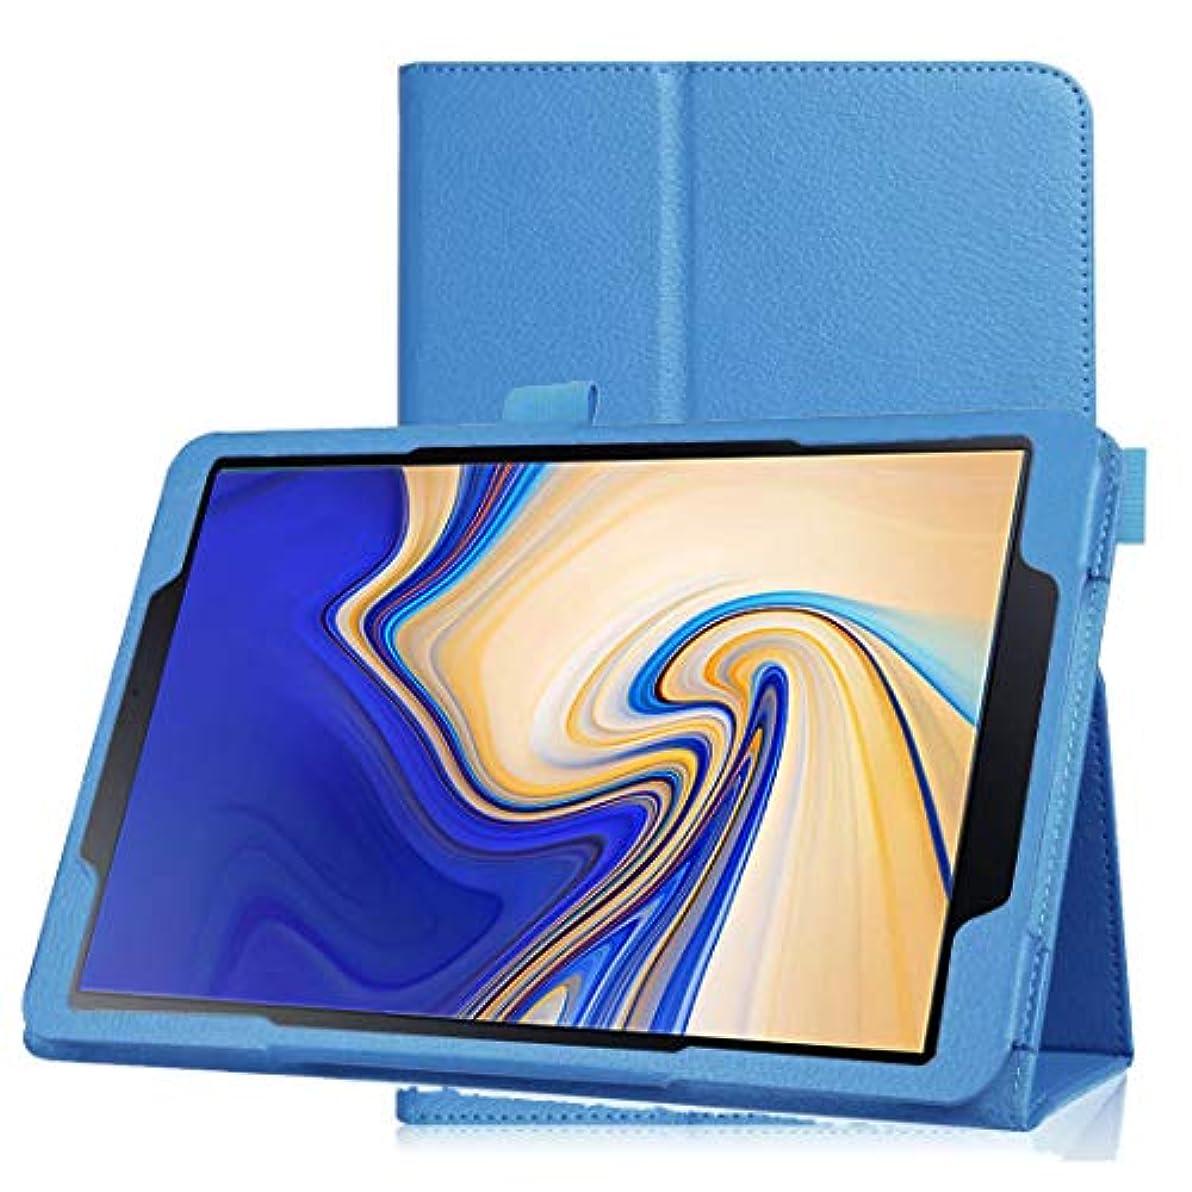 クリエイティブ特徴スロットGalaxy tab a 10.5 全面保護ケース INorton 本革ケース スタンド機能 衝撃吸収 PUレザー 軽量薄型 排熱性アップ ソフトケース T830 T835対応